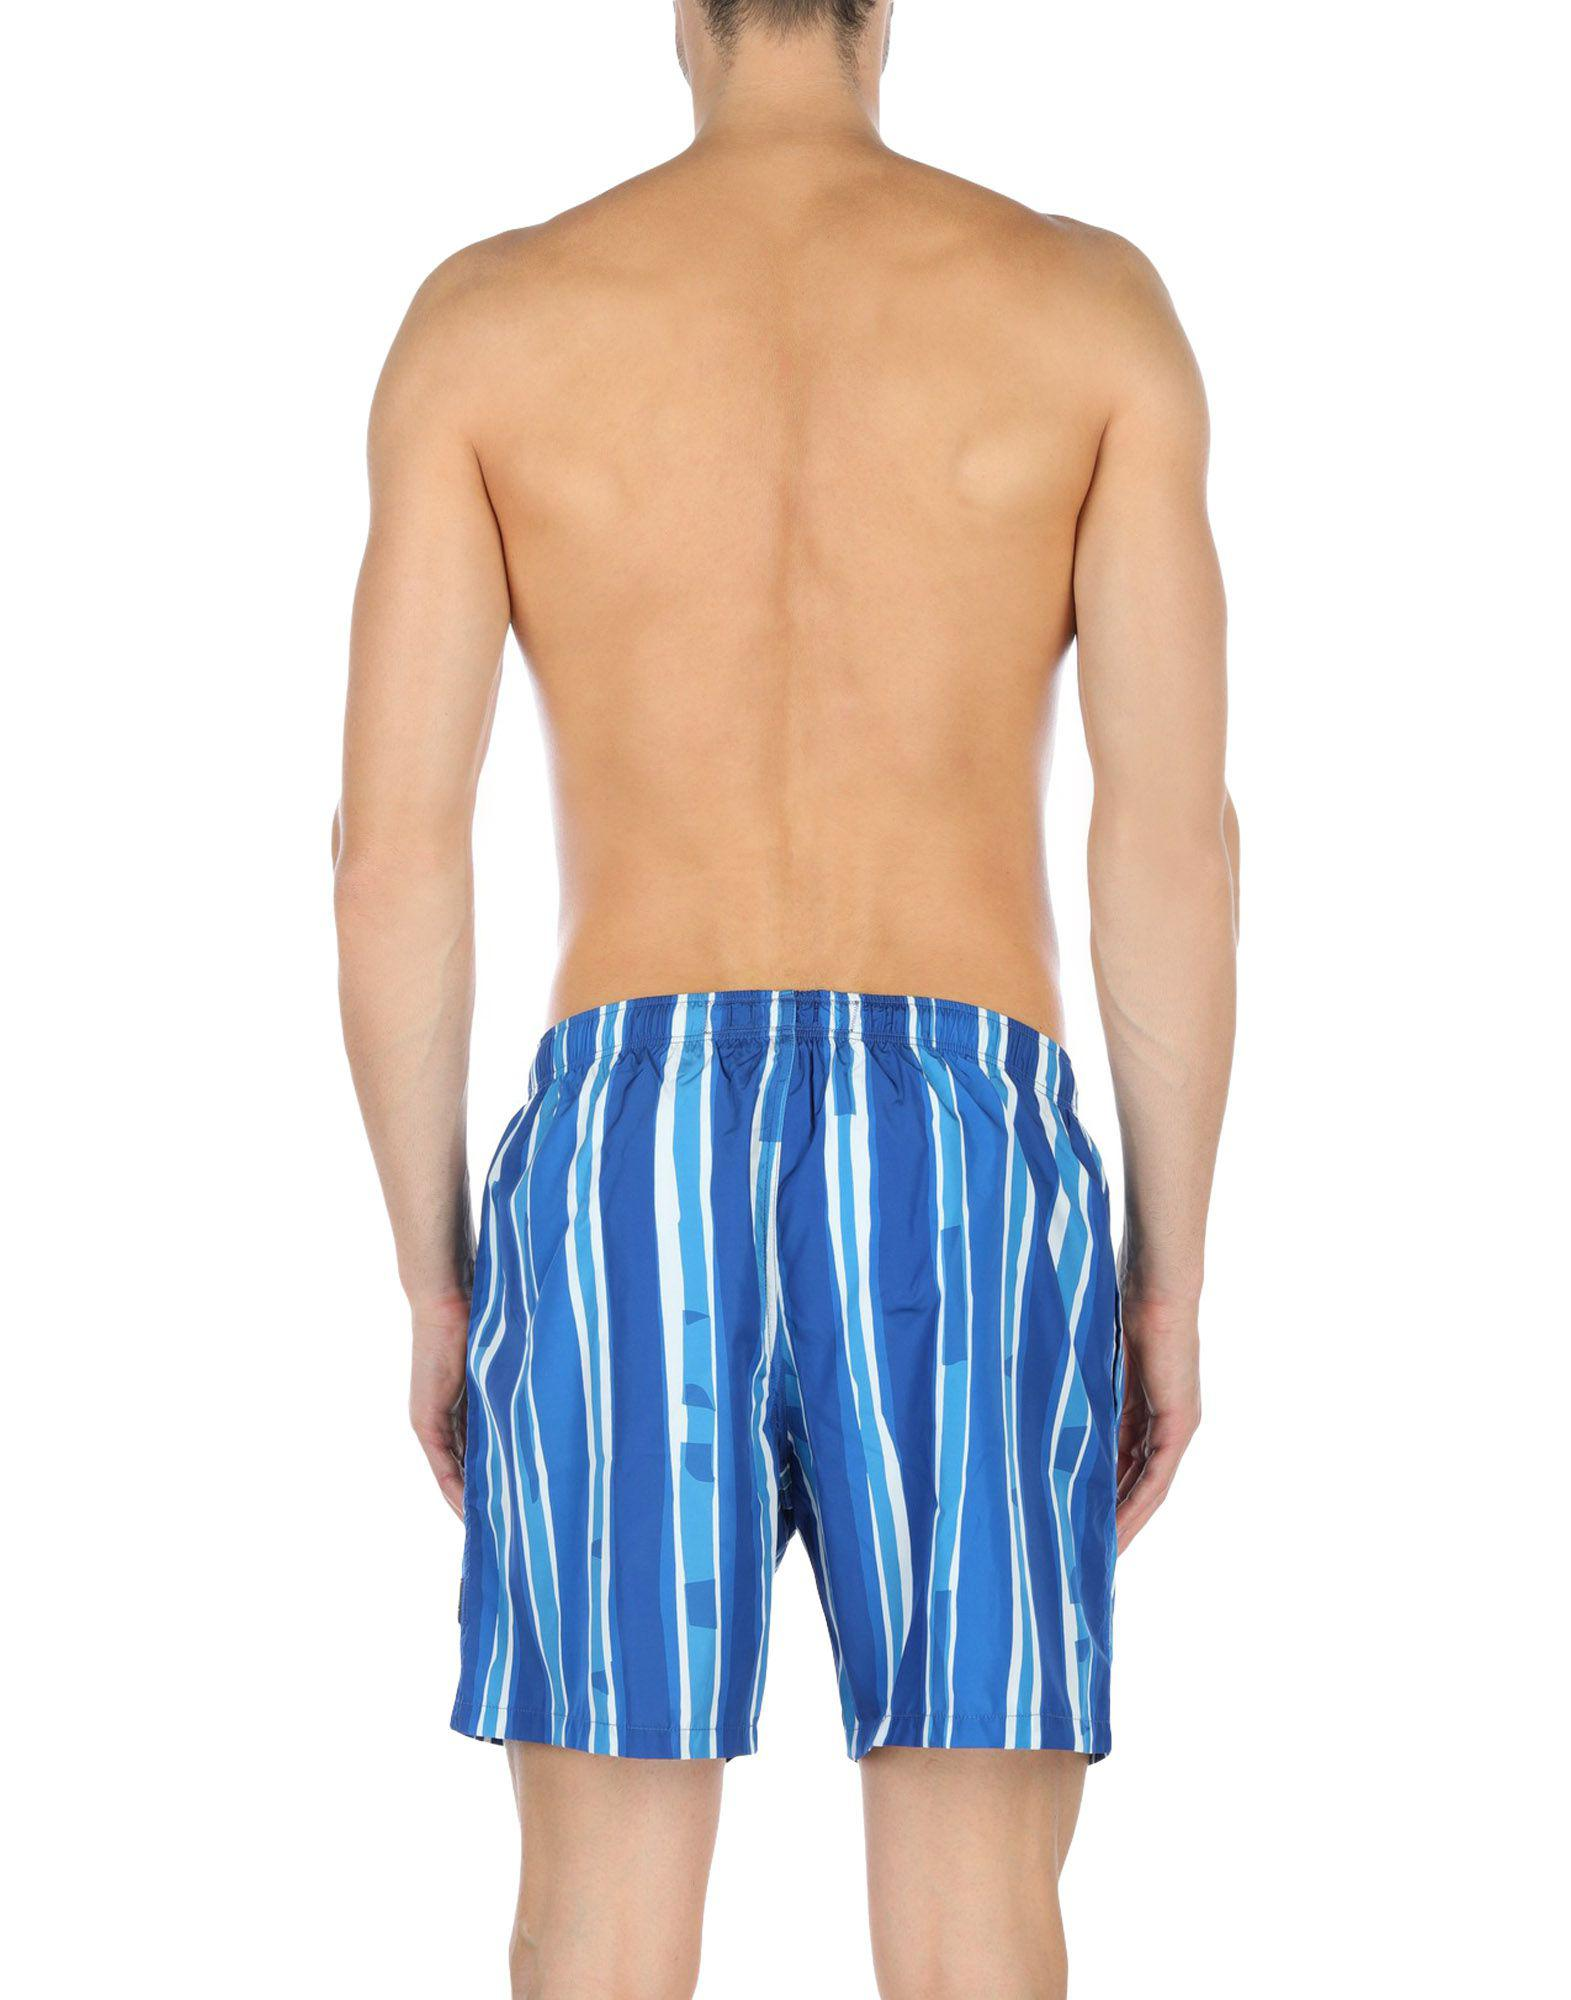 dcb0ab43e2 Lyst - Ermenegildo Zegna Swim Trunks in Blue for Men